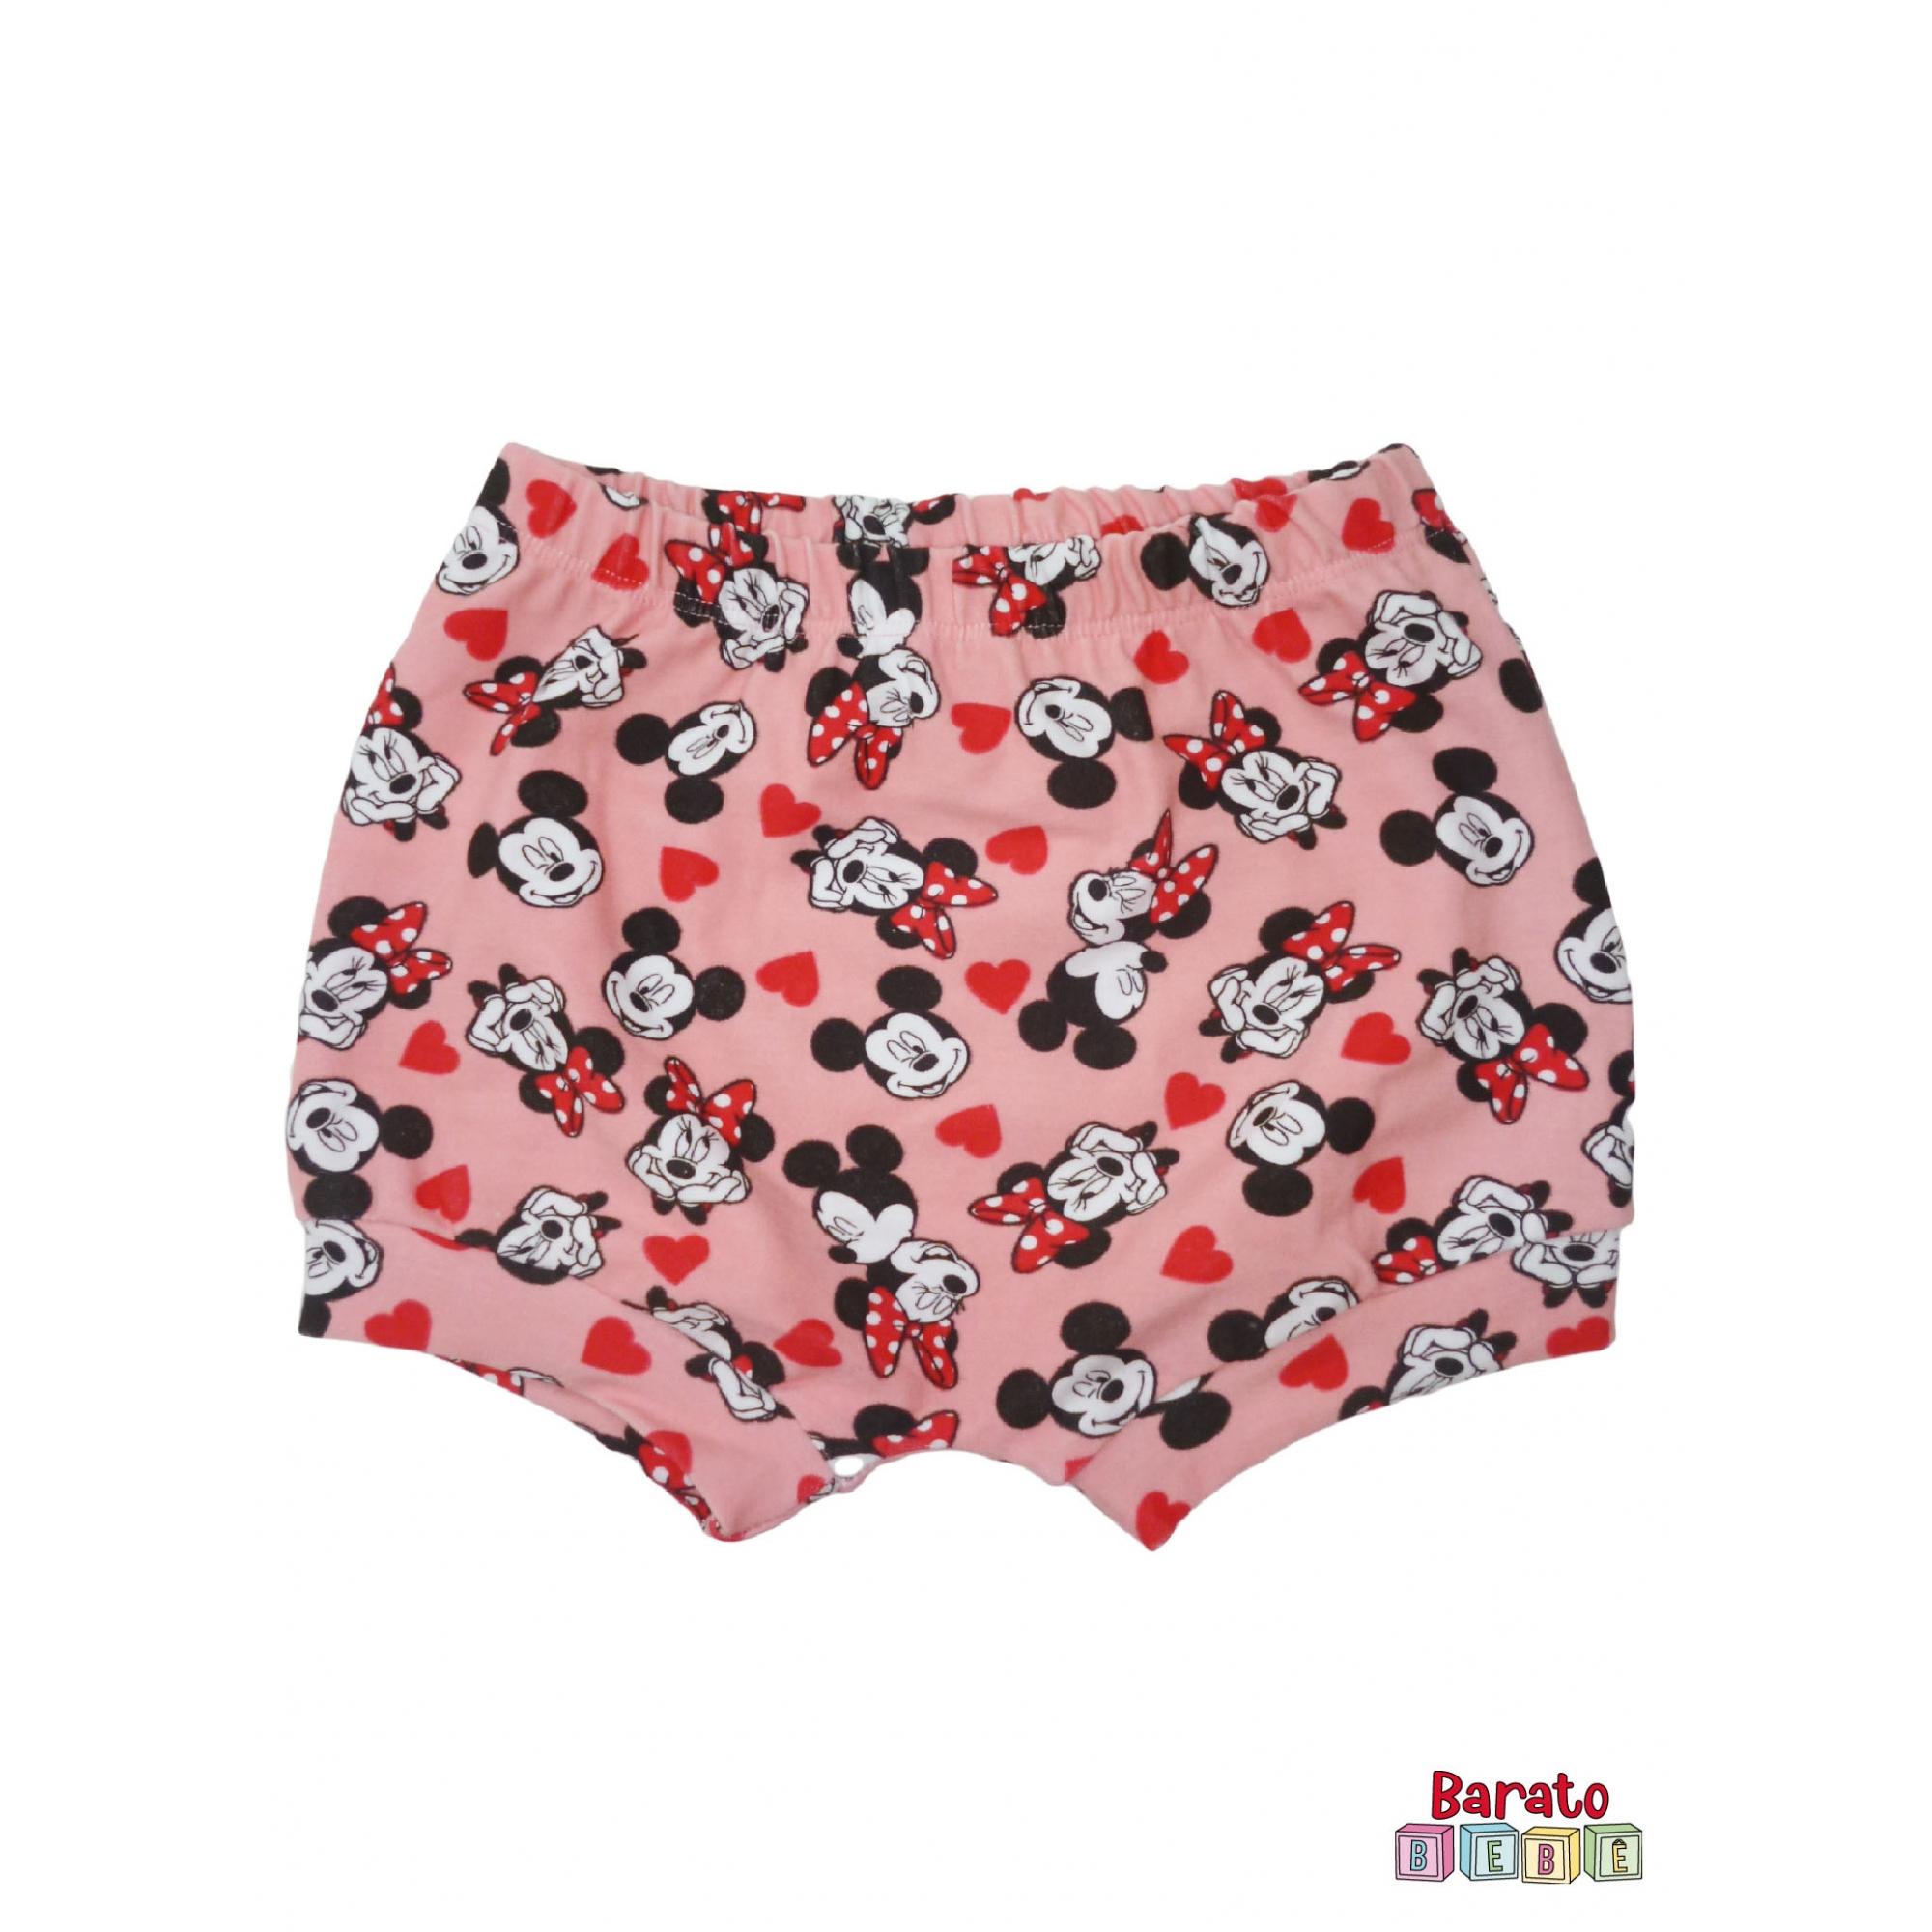 Shorts(Tapa Fralda) Bebê(P/M/G)  - Barato Bebê - Menina